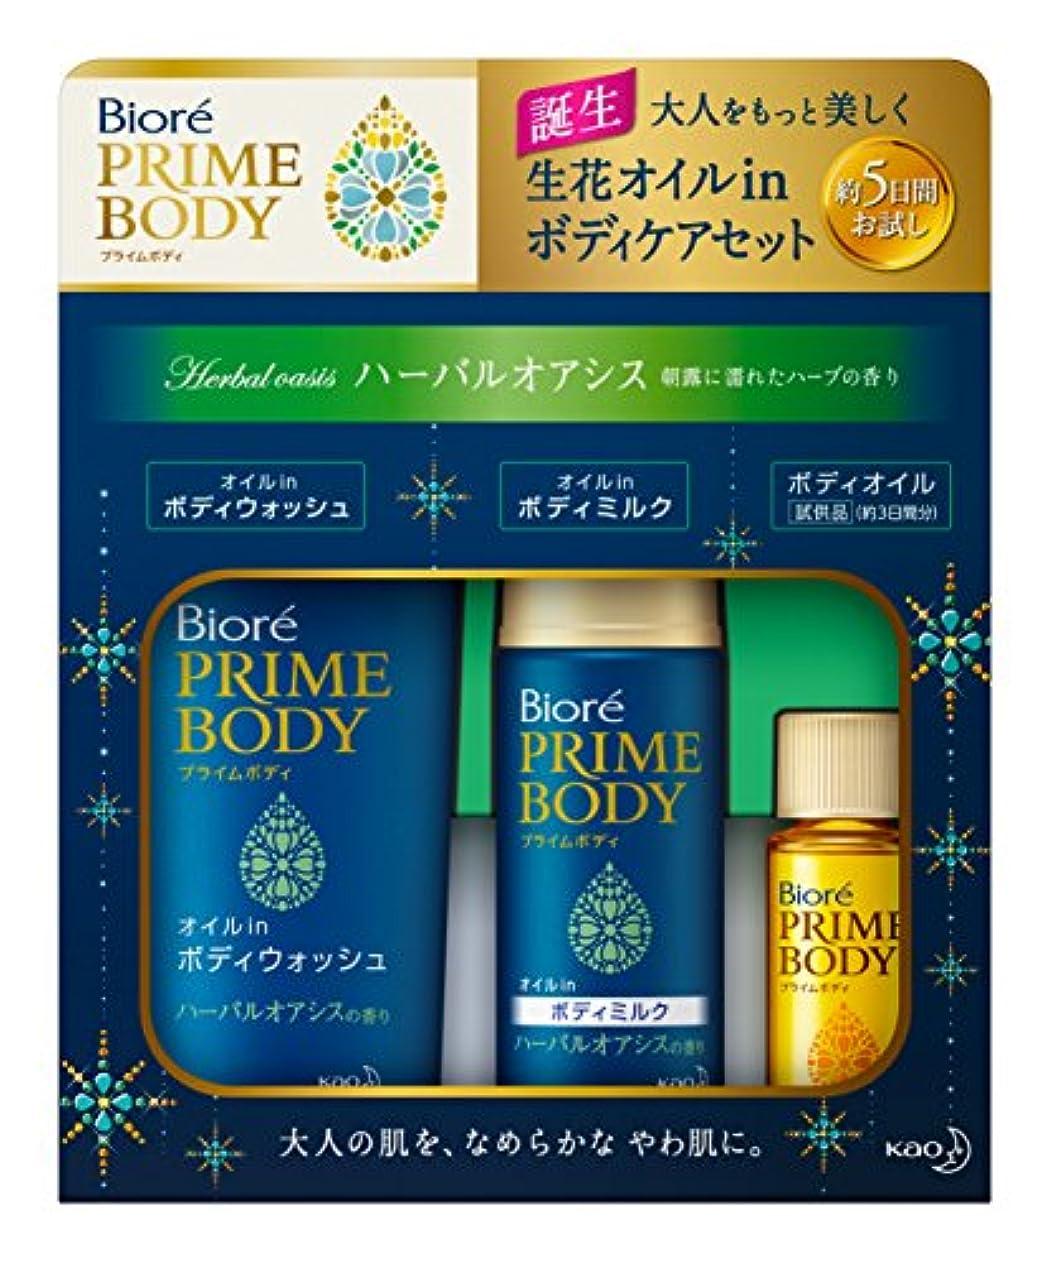 正義闘争に付けるビオレ プライムボディ 5日間お試しセット ハーバルオアシスの香り 83ml